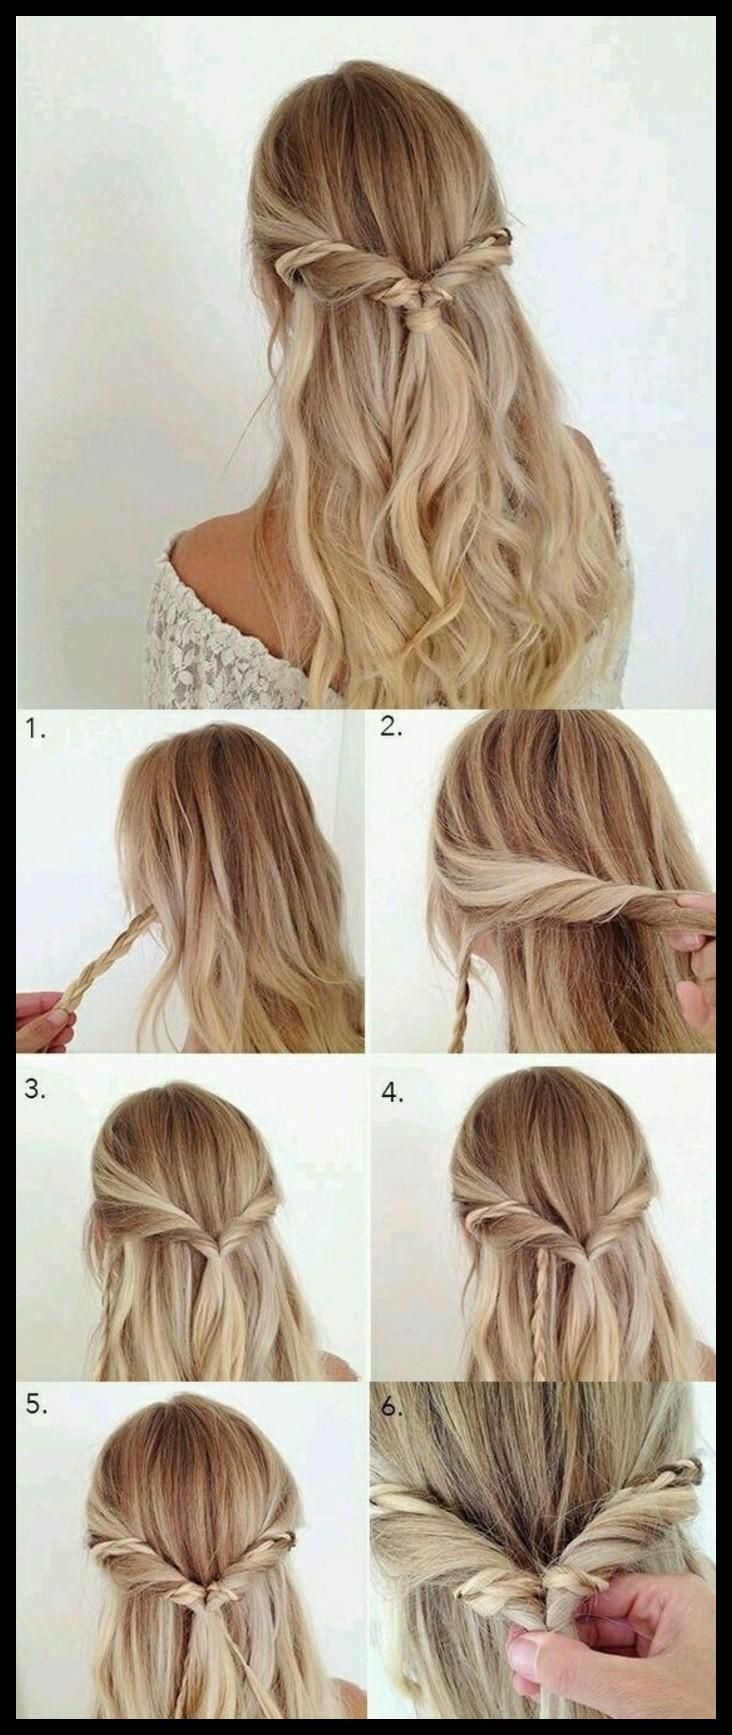 1001 Ideen Fur Schone Haarfrisuren Plus Anleitungen Zum Schone Frisuren Bea Leichte Frisuren Lange Haare Haare Einfach Flechten Geflochtene Frisuren